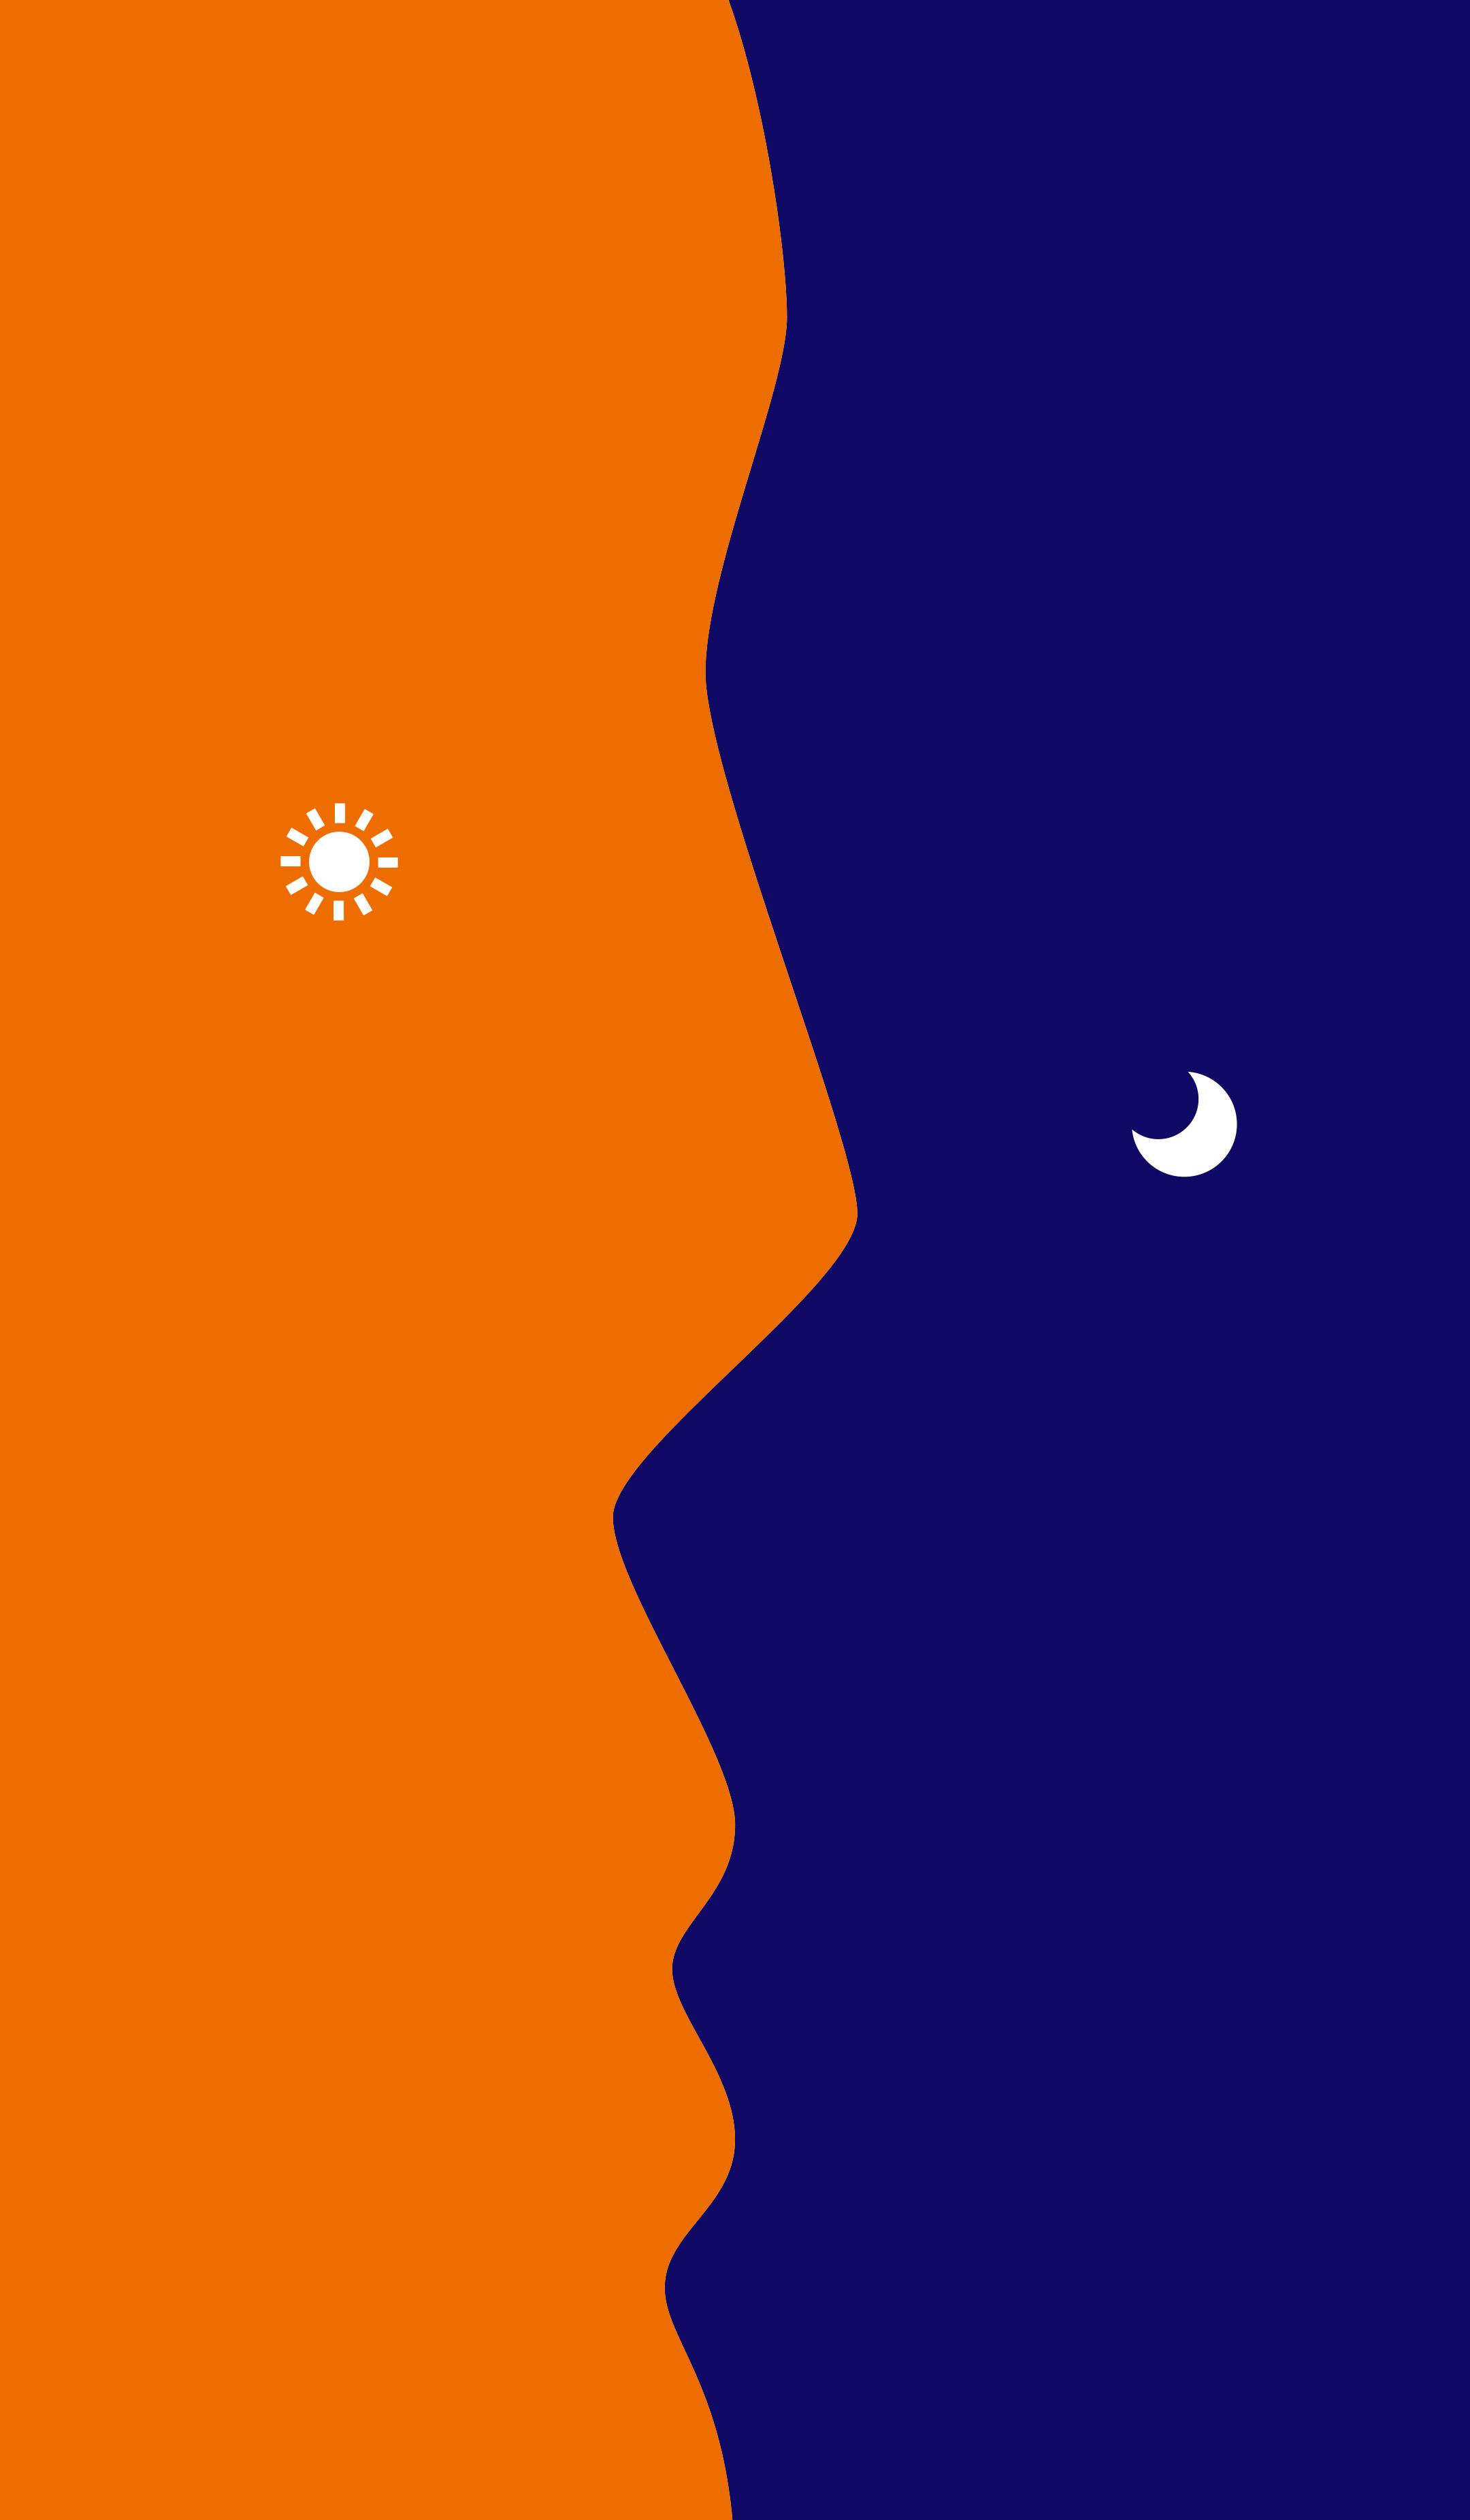 昼顔と夜顔